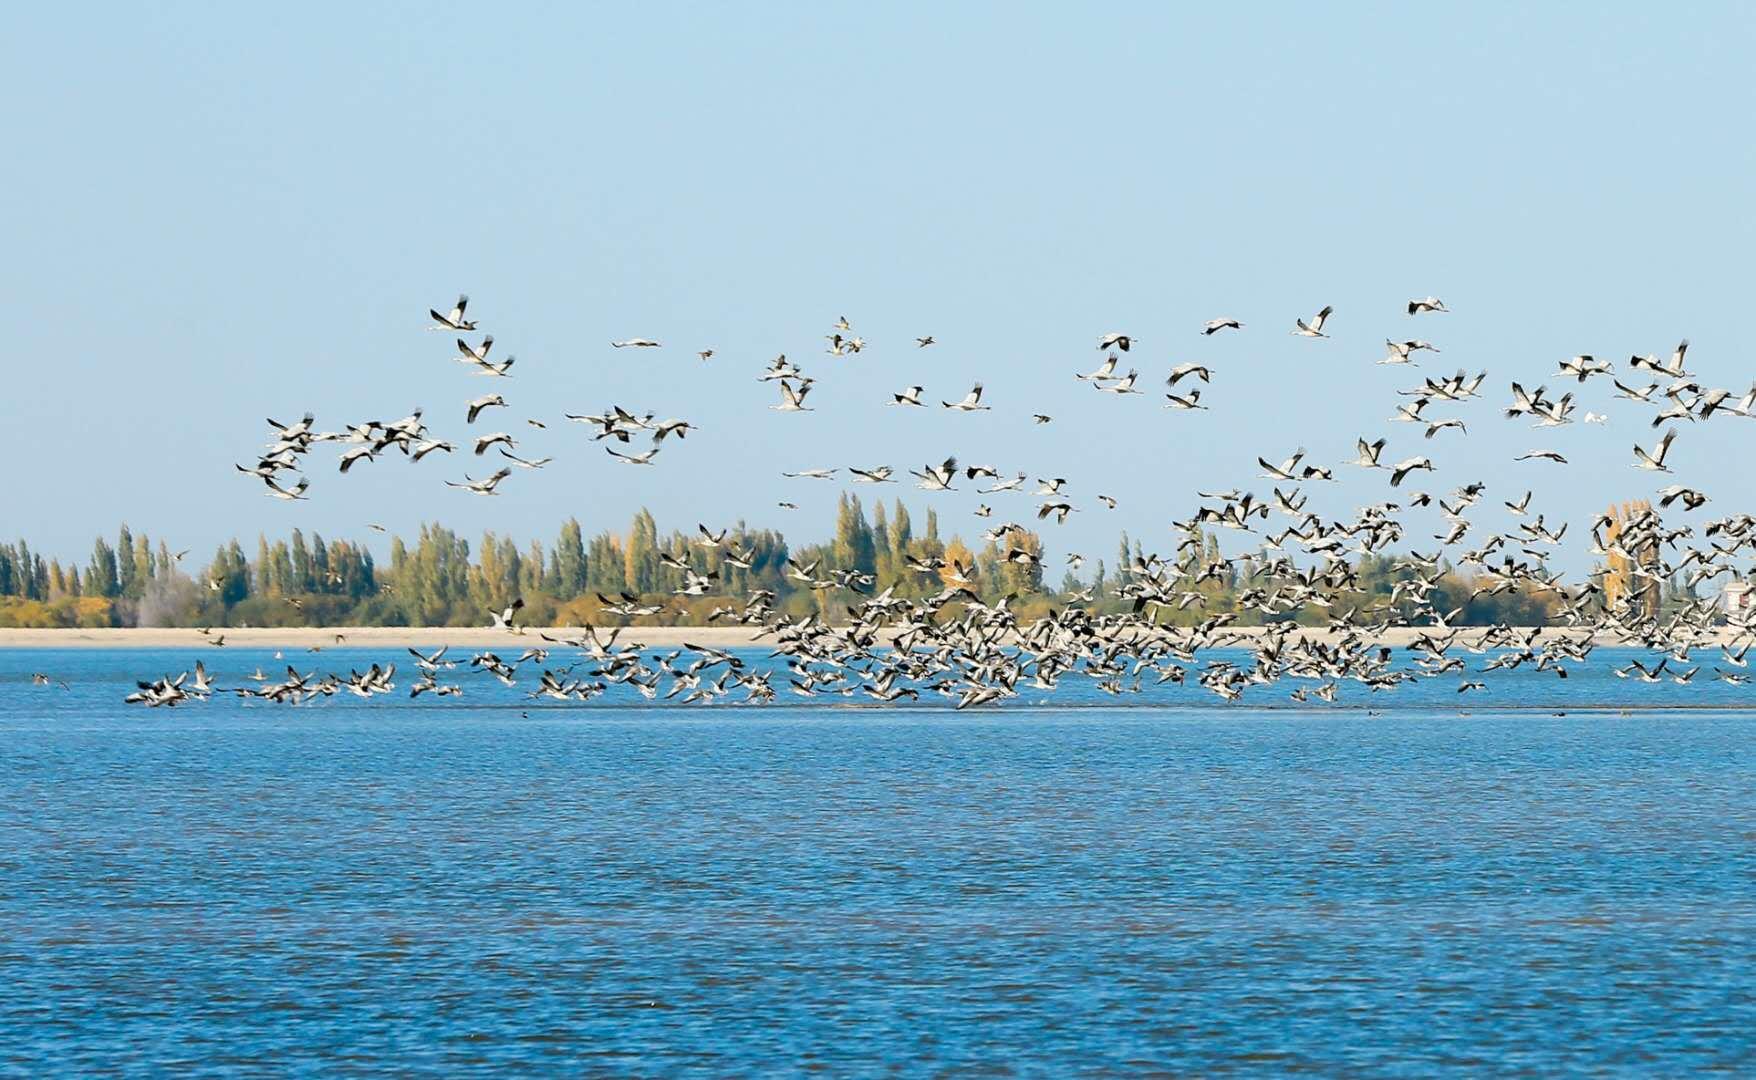 呼图壁县:金秋湿地生态美